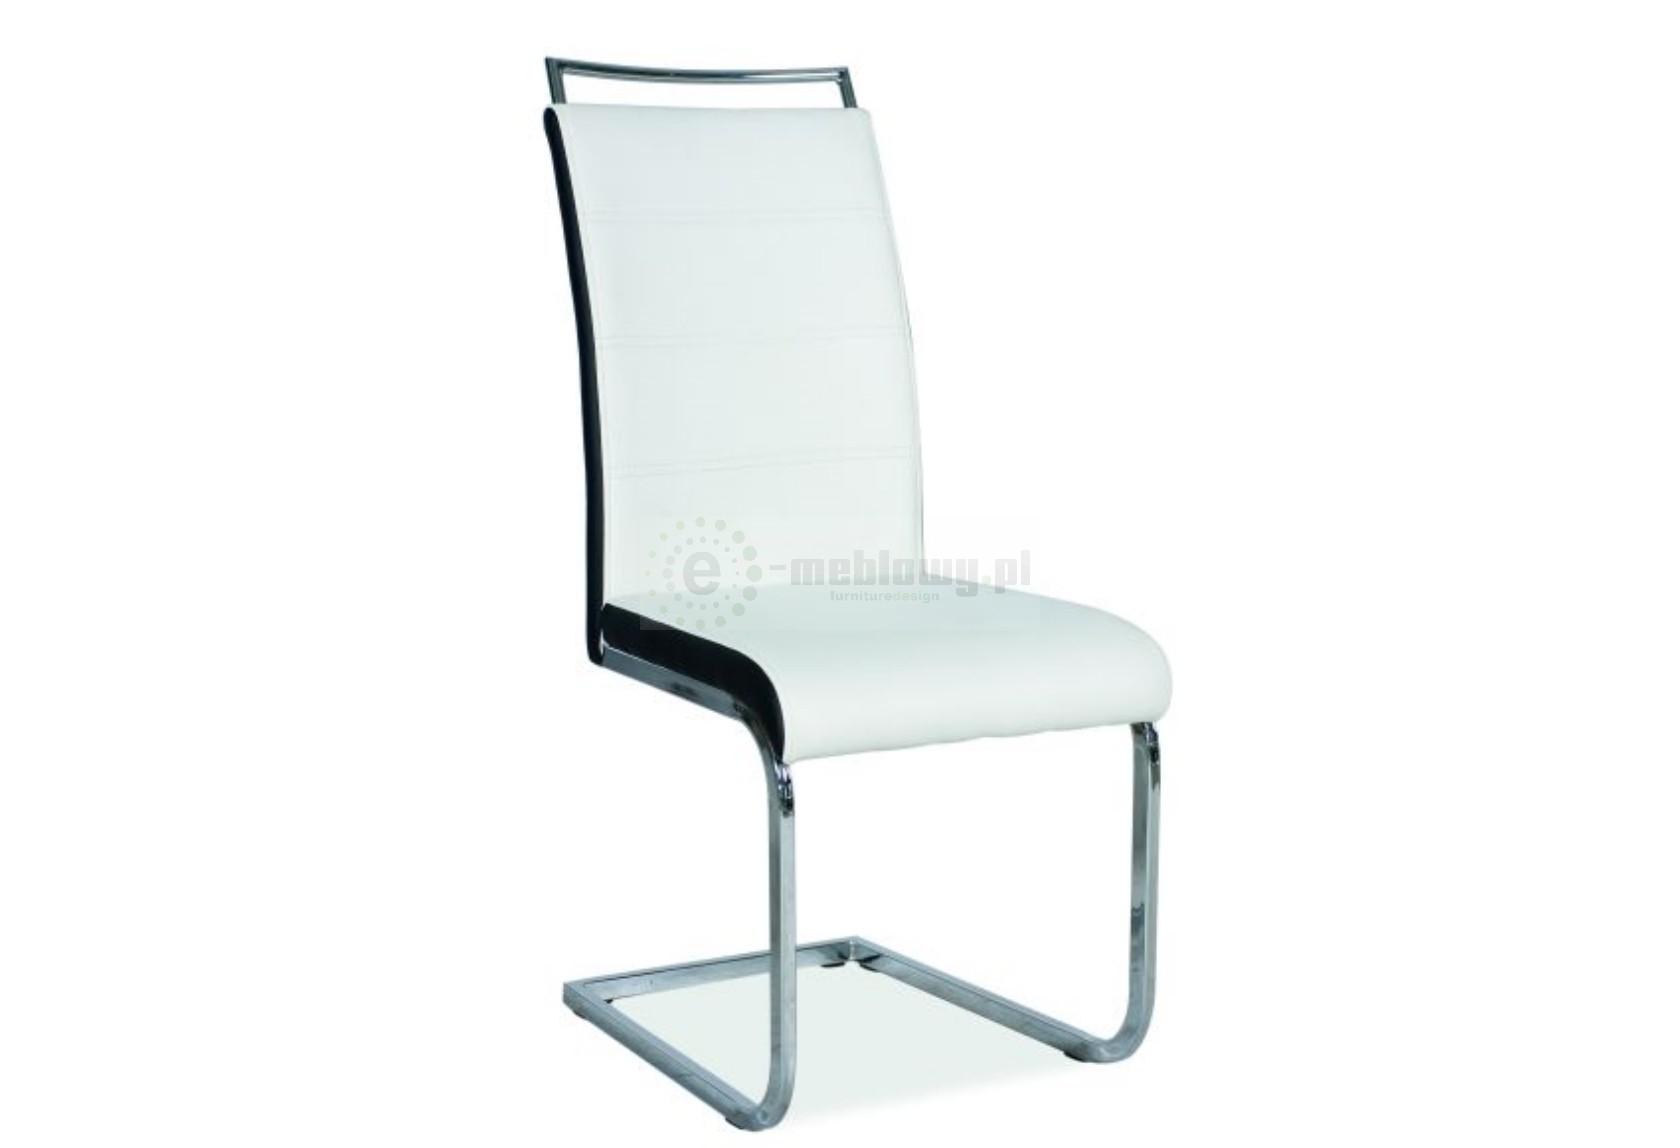 Nowoczesne krzesło do salonu Rico, krzesło do jadalni